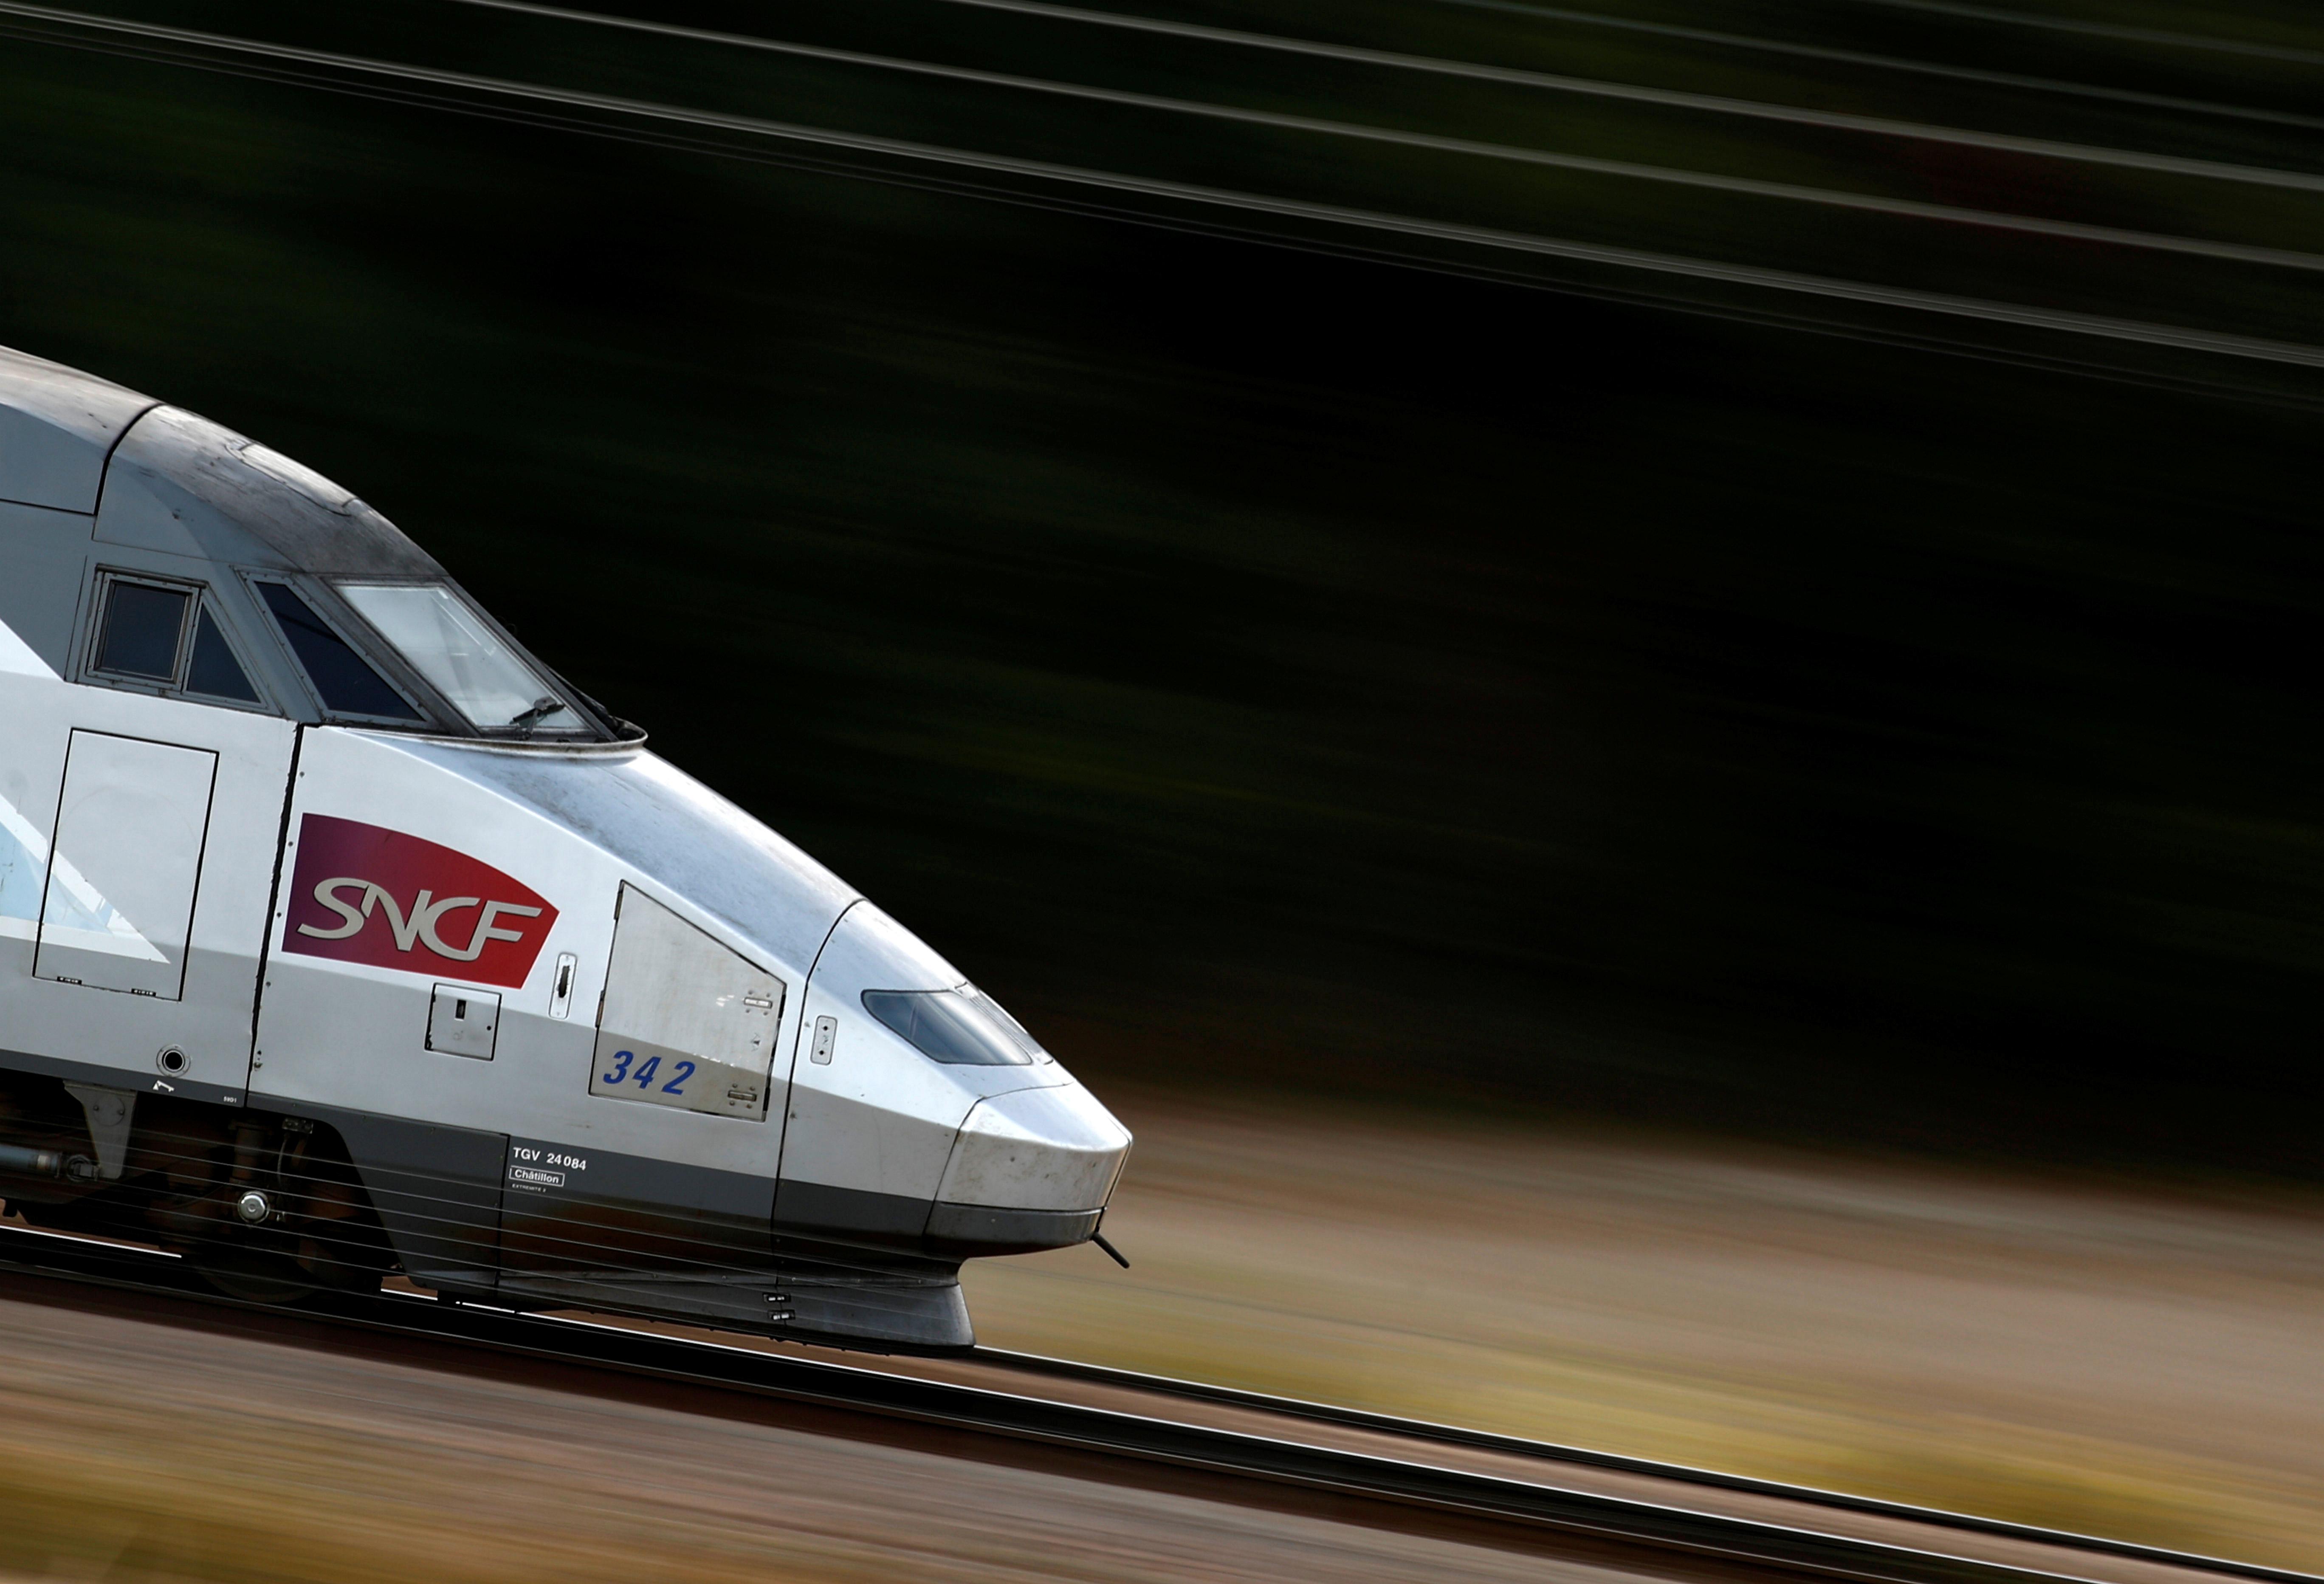 Jean-Pierre Farandou déclare dimanche dans un entretien au Journal du Dimanche (JDD) vouloir renouer le dialogue social au sein de la compagnie ferroviaire confrontée ces dernières semaines à des perturbations de trafic à la suite de mouvements sociaux.